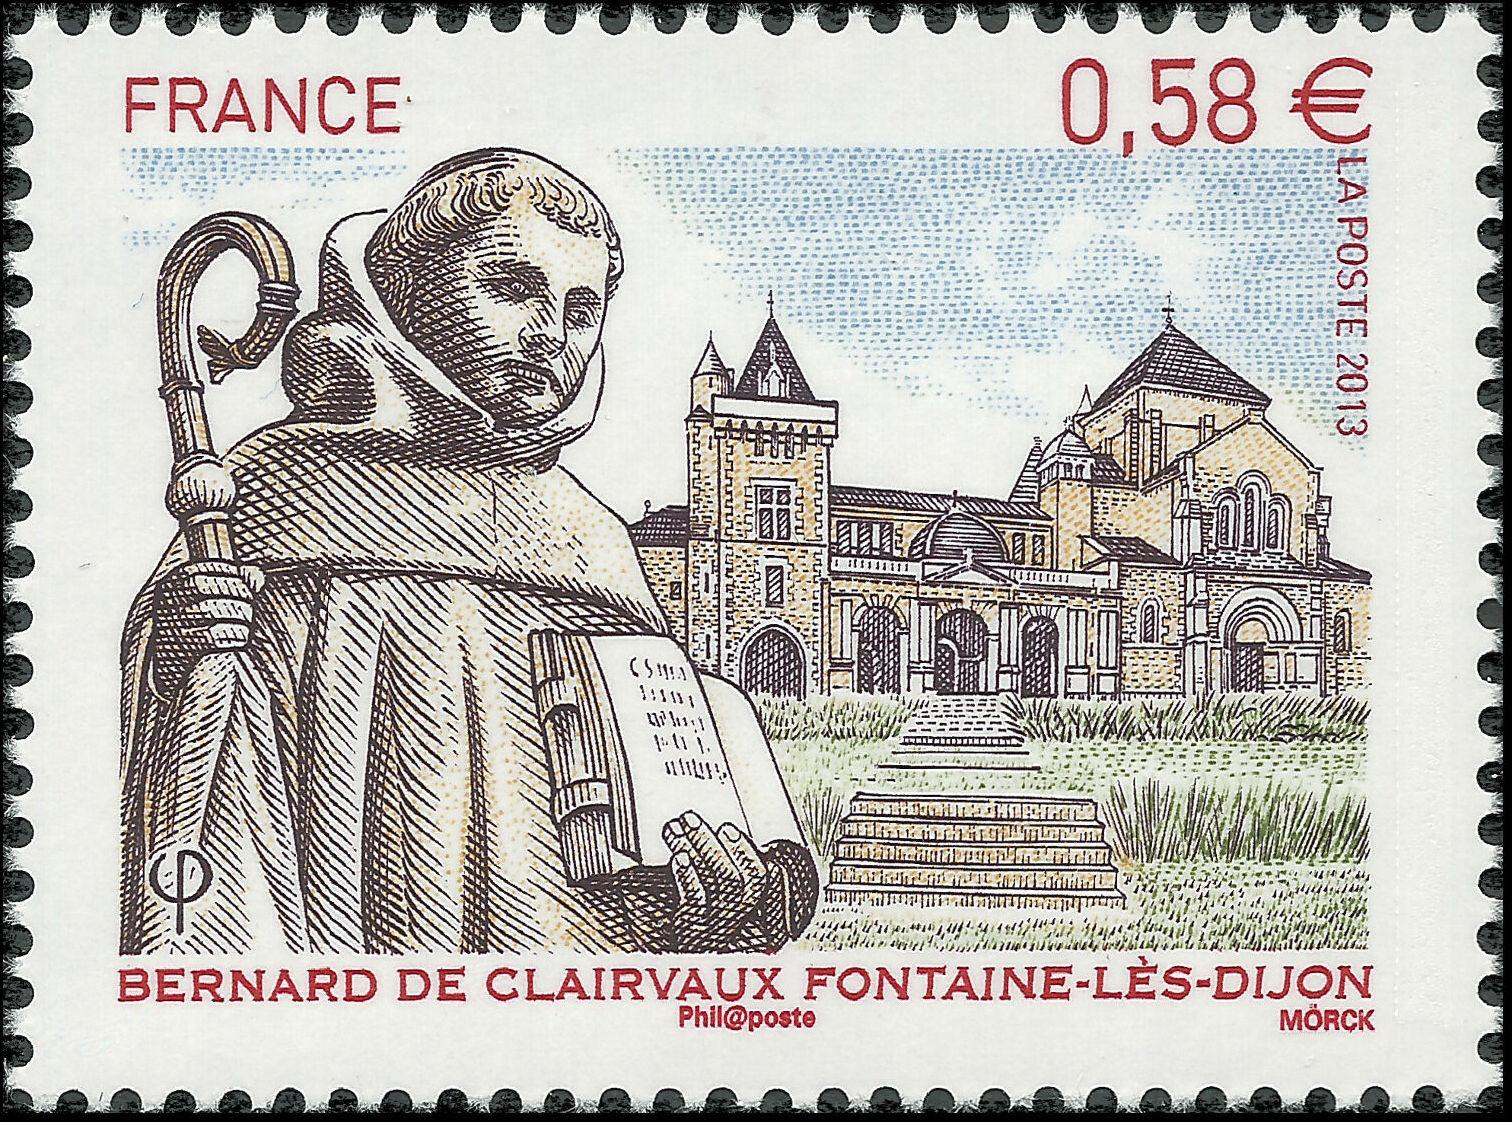 France 2013 Famous People - Bernard de Clairvaux - Fontaine-lès-Dijon